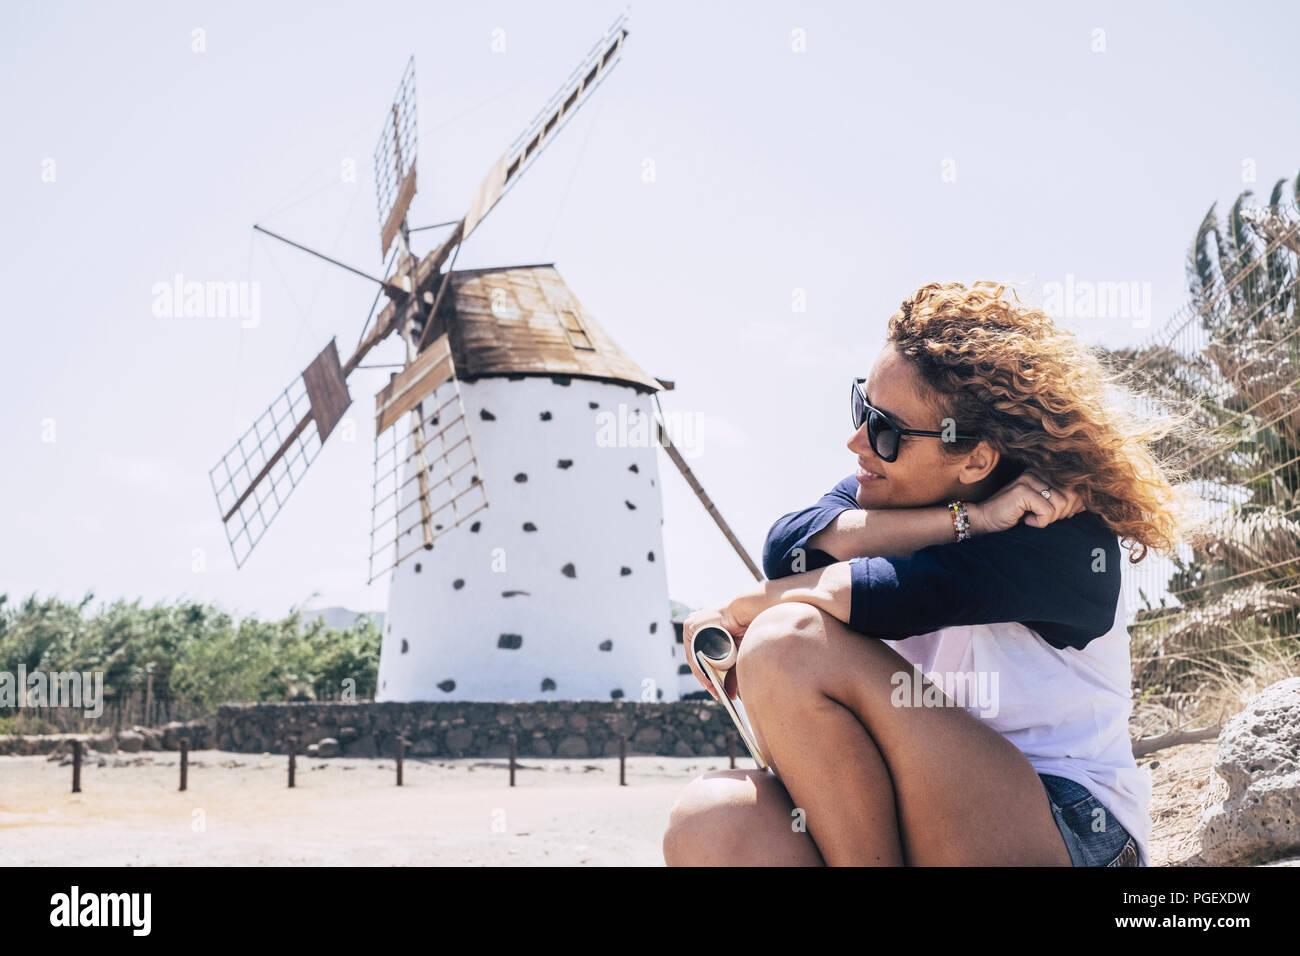 Señora sentada rizado agradable y relajante, con sind, en el cabello y un molino de viento en el fondo. lado del país pintoresco lugar de paz y relajación conce Imagen De Stock